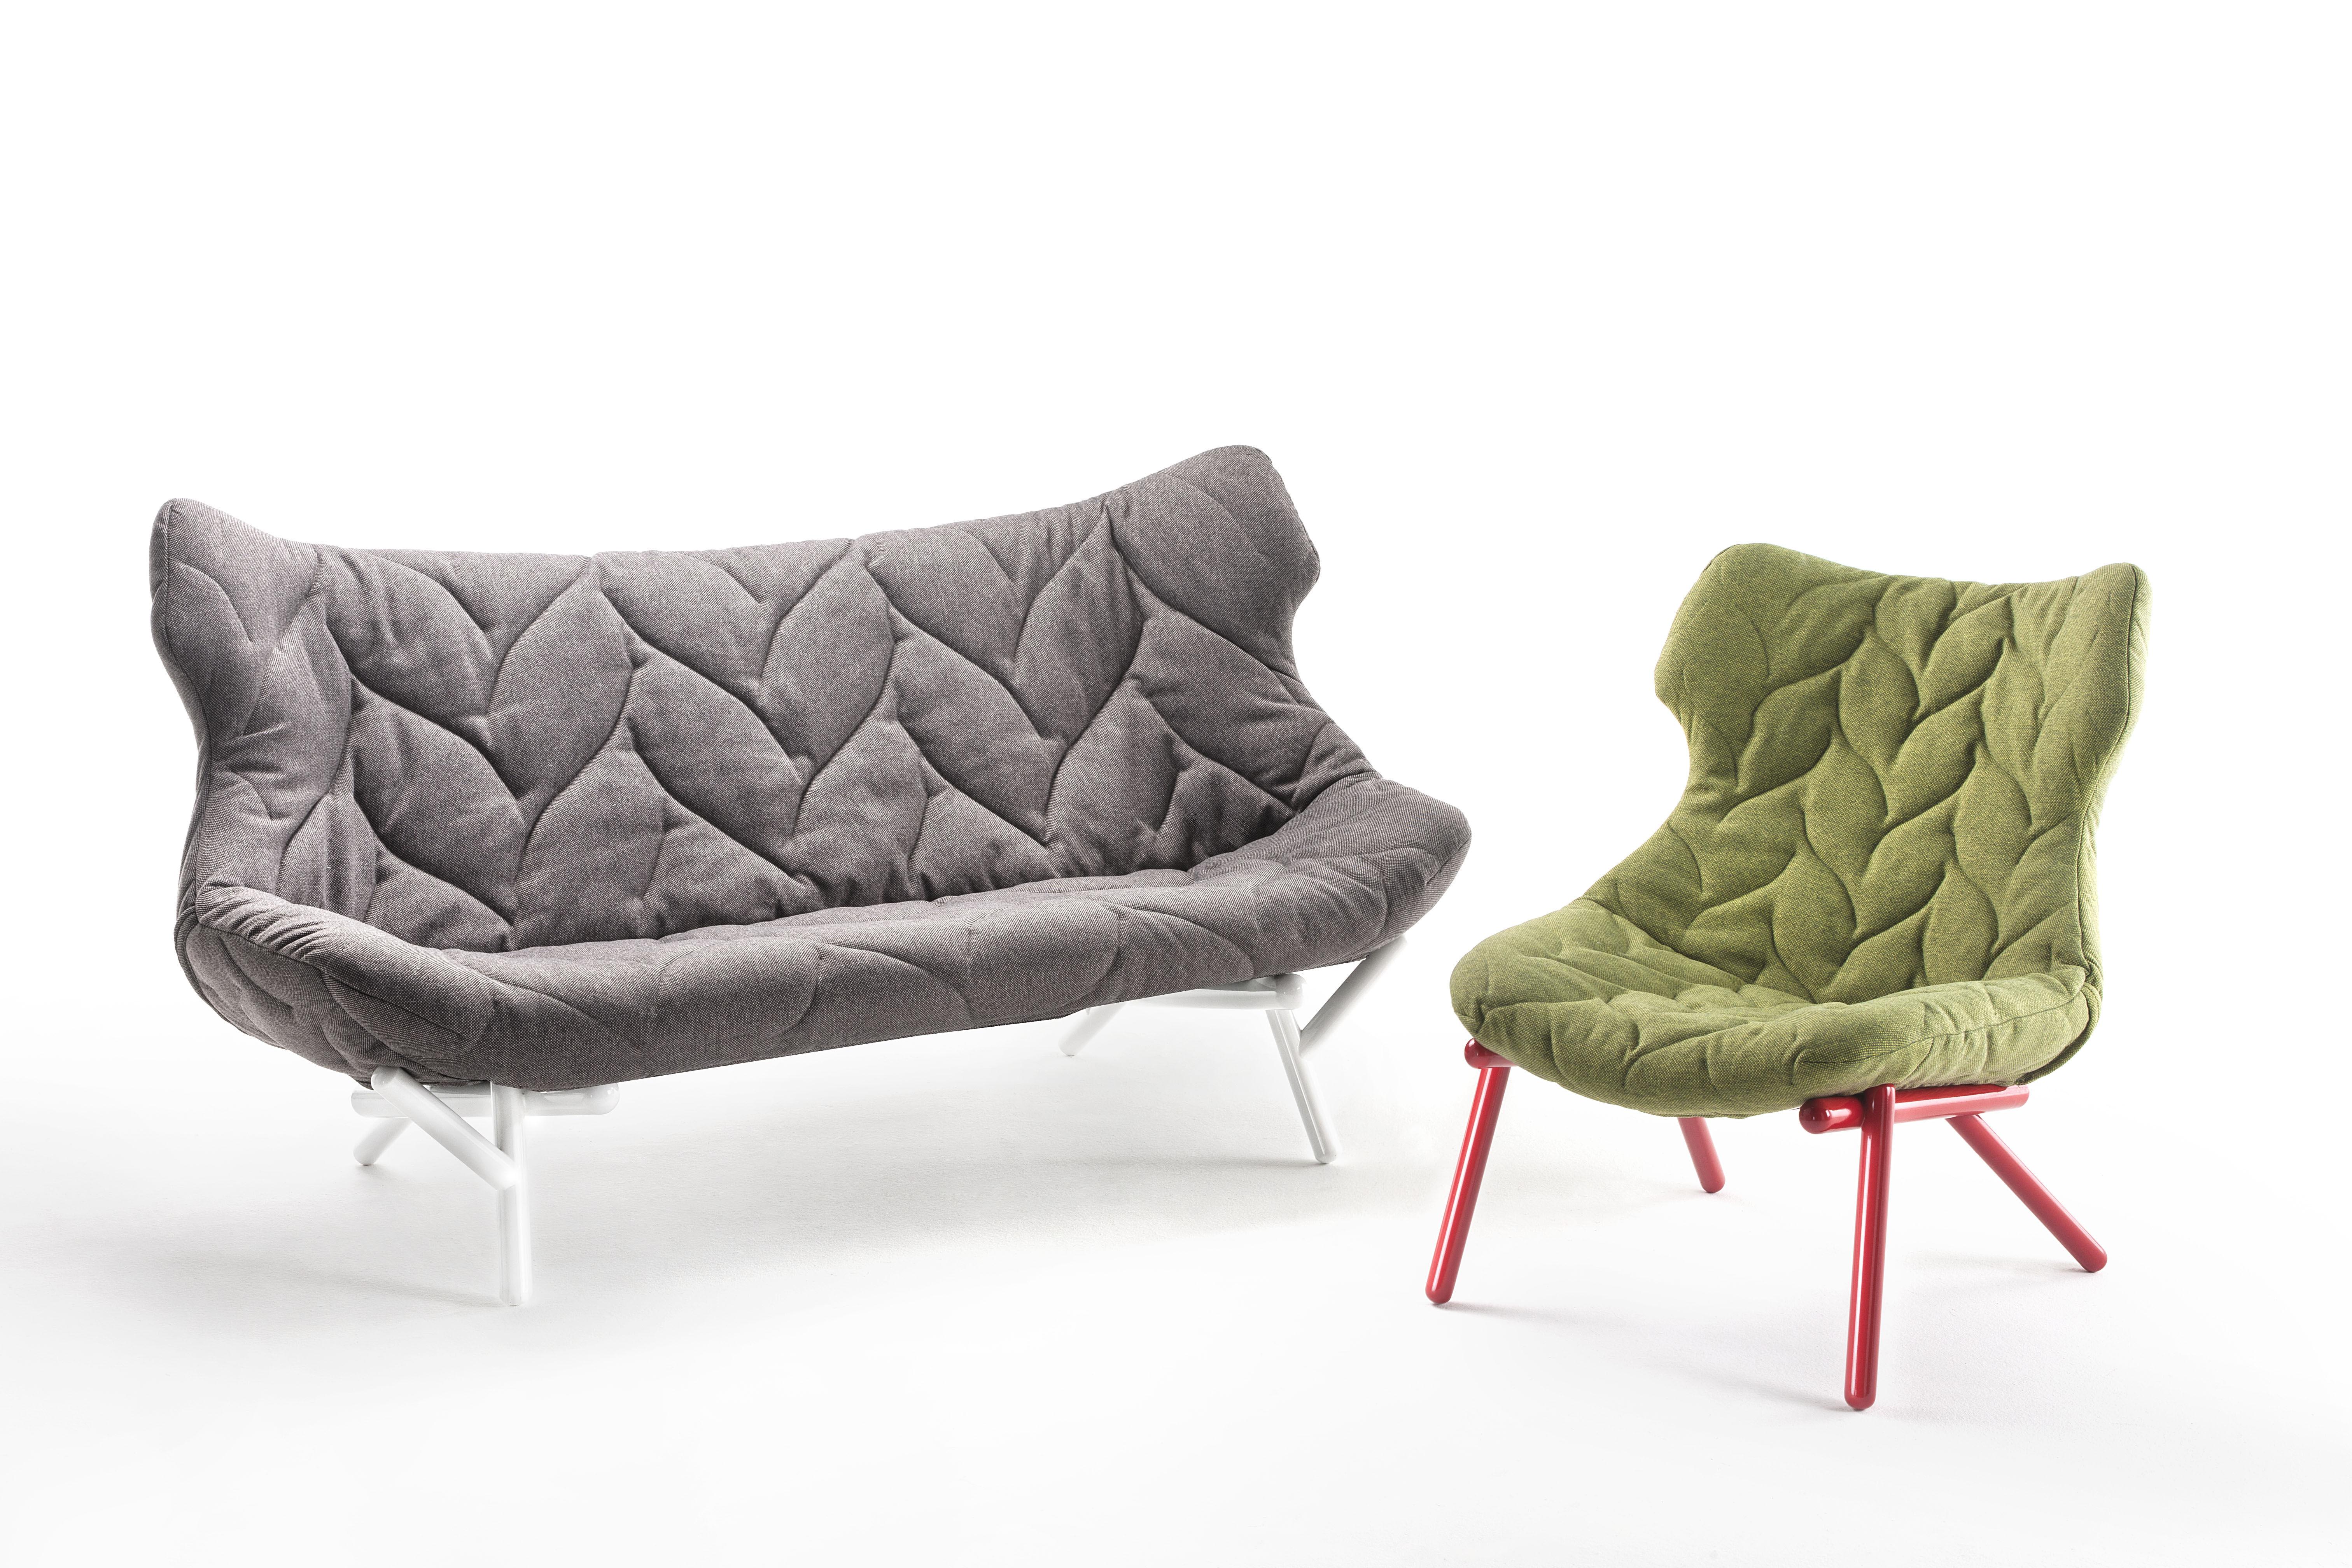 canap droit foliage l 175 cm gris pieds noirs kartell. Black Bedroom Furniture Sets. Home Design Ideas